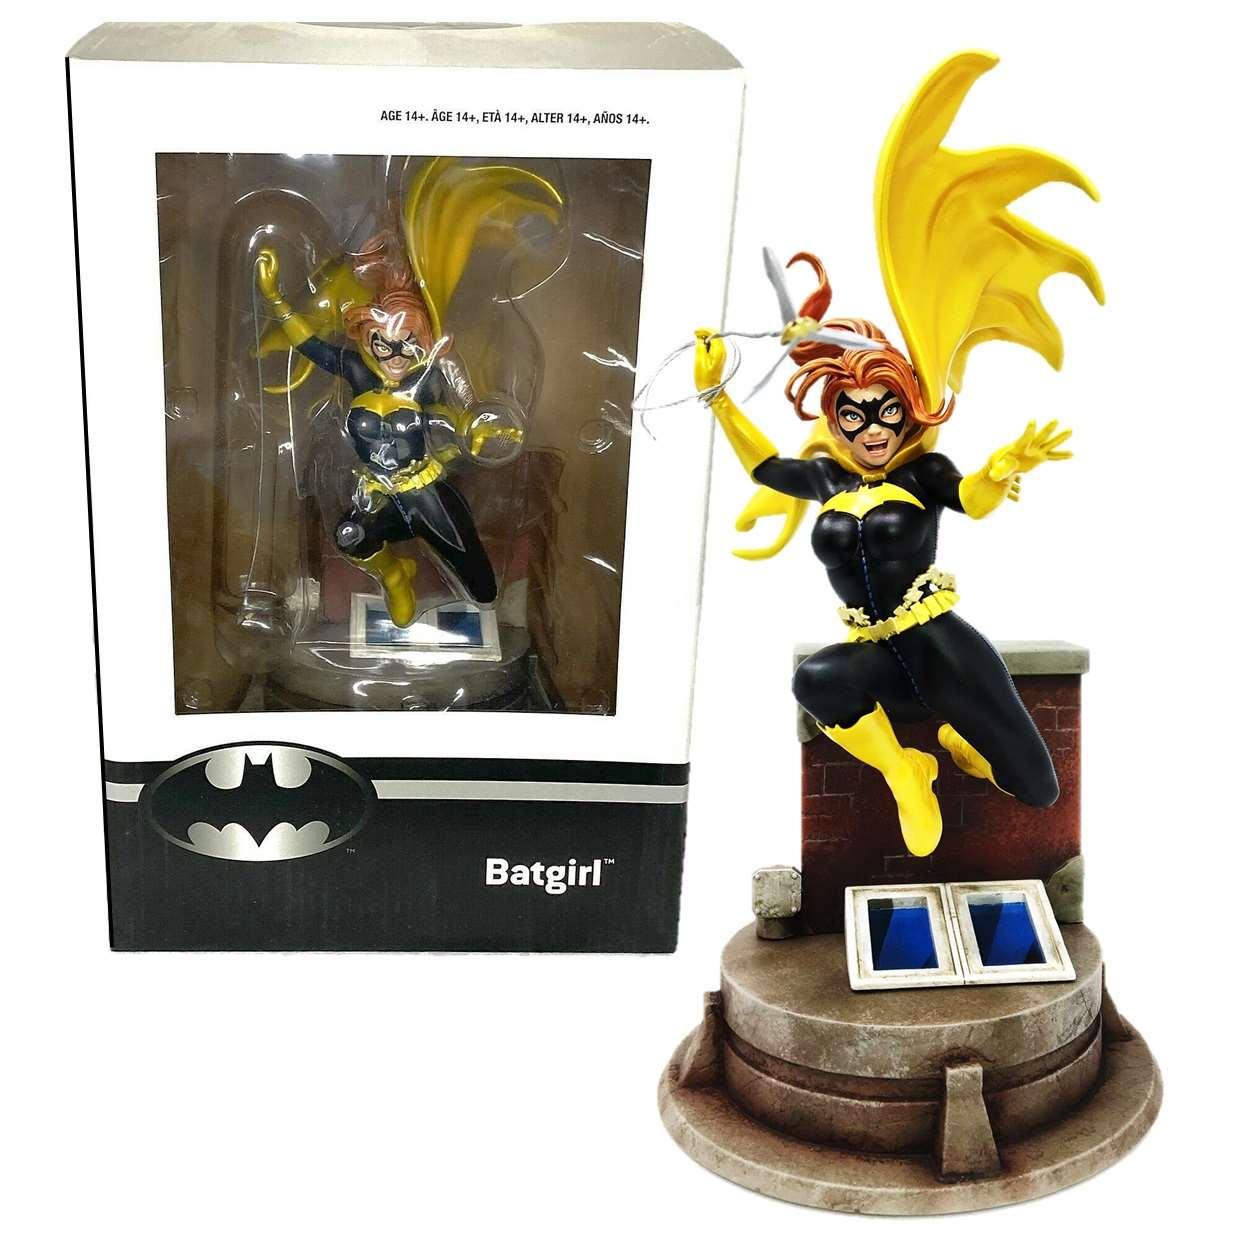 Diorama Batgirl By Jim Lee Thinkgeek Exclusive Only Gamestop